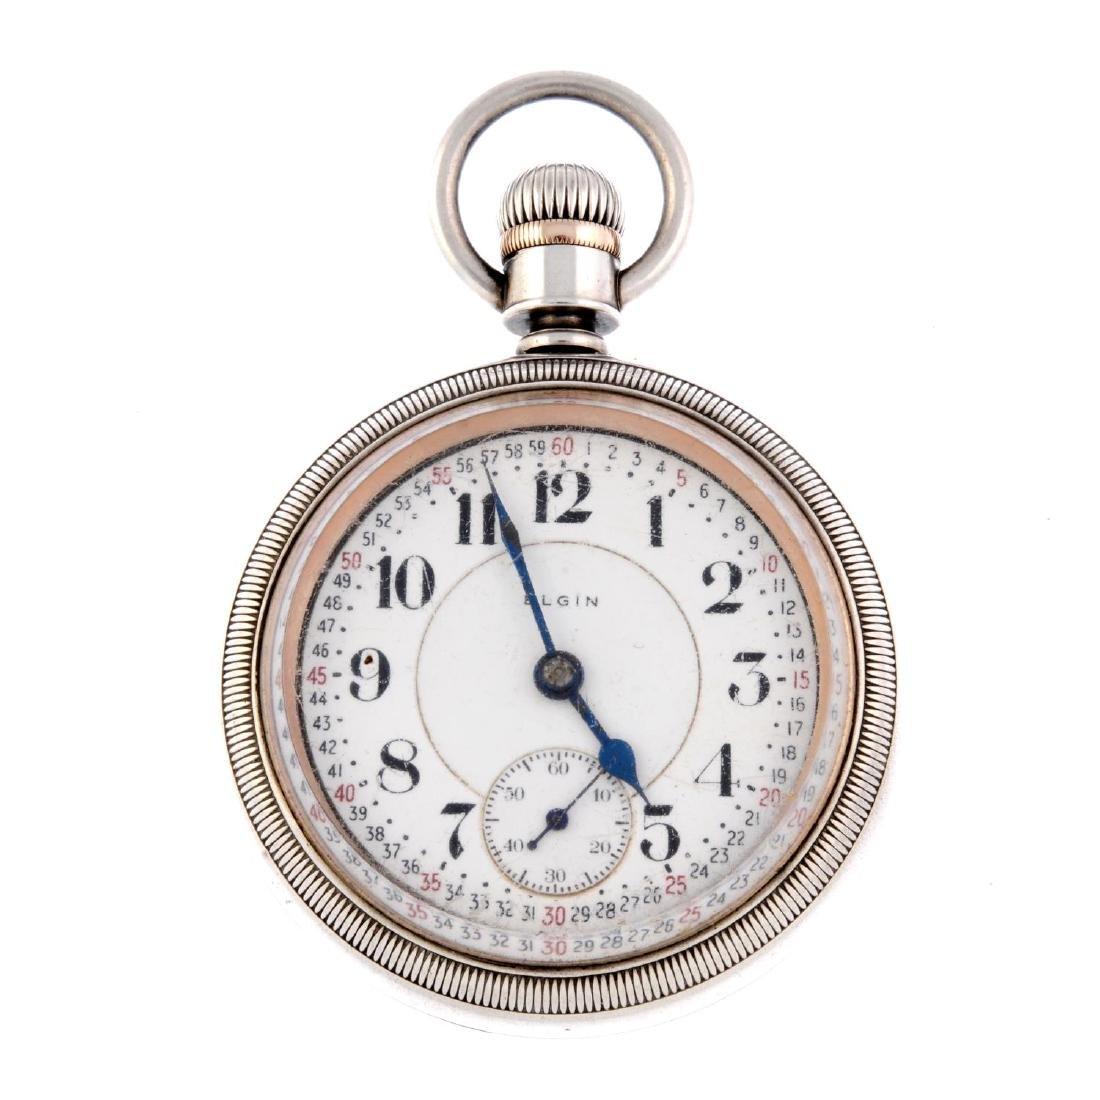 An open face railroad grade pocket watch by Elgin.